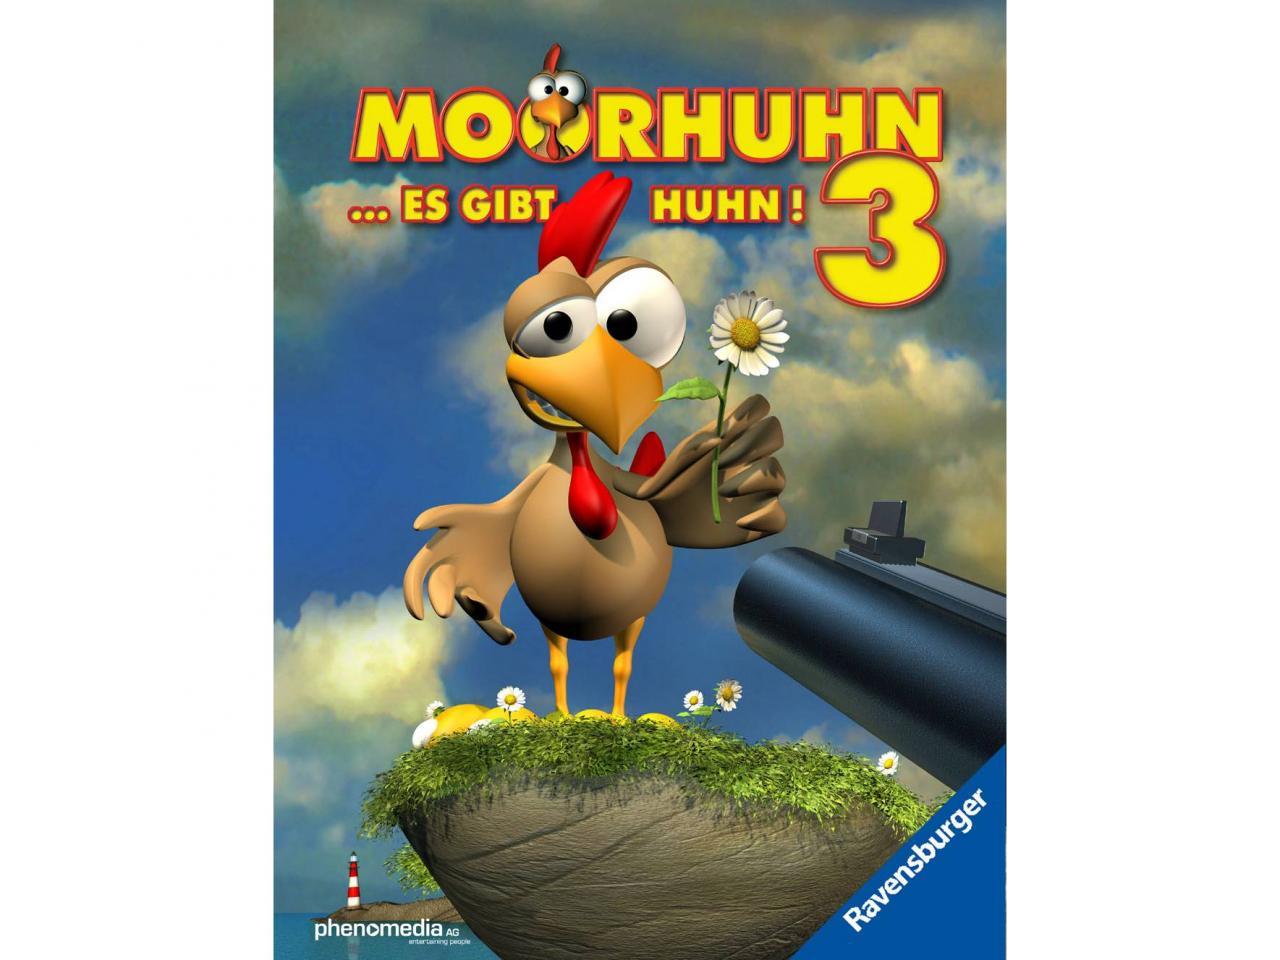 moorhuhn online free